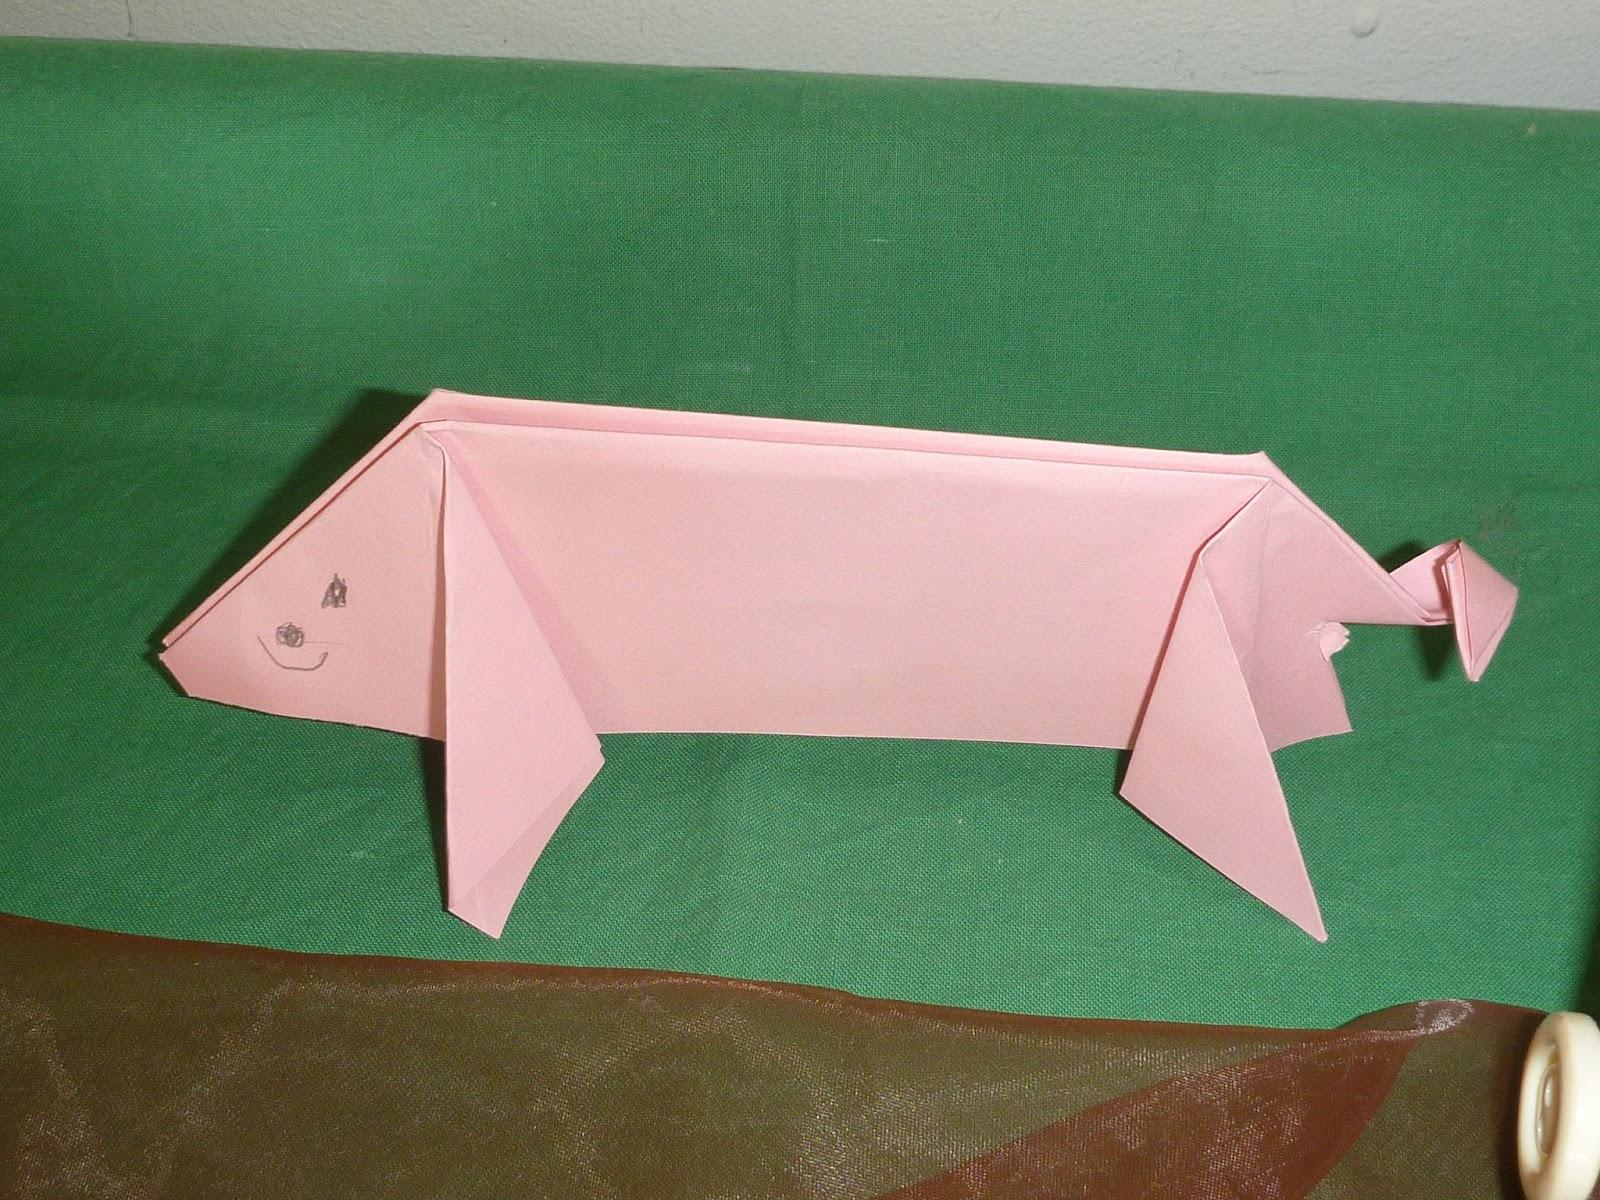 m rlimuus allerlei schweinisches falten sachbuch spielort klorollenschwein. Black Bedroom Furniture Sets. Home Design Ideas